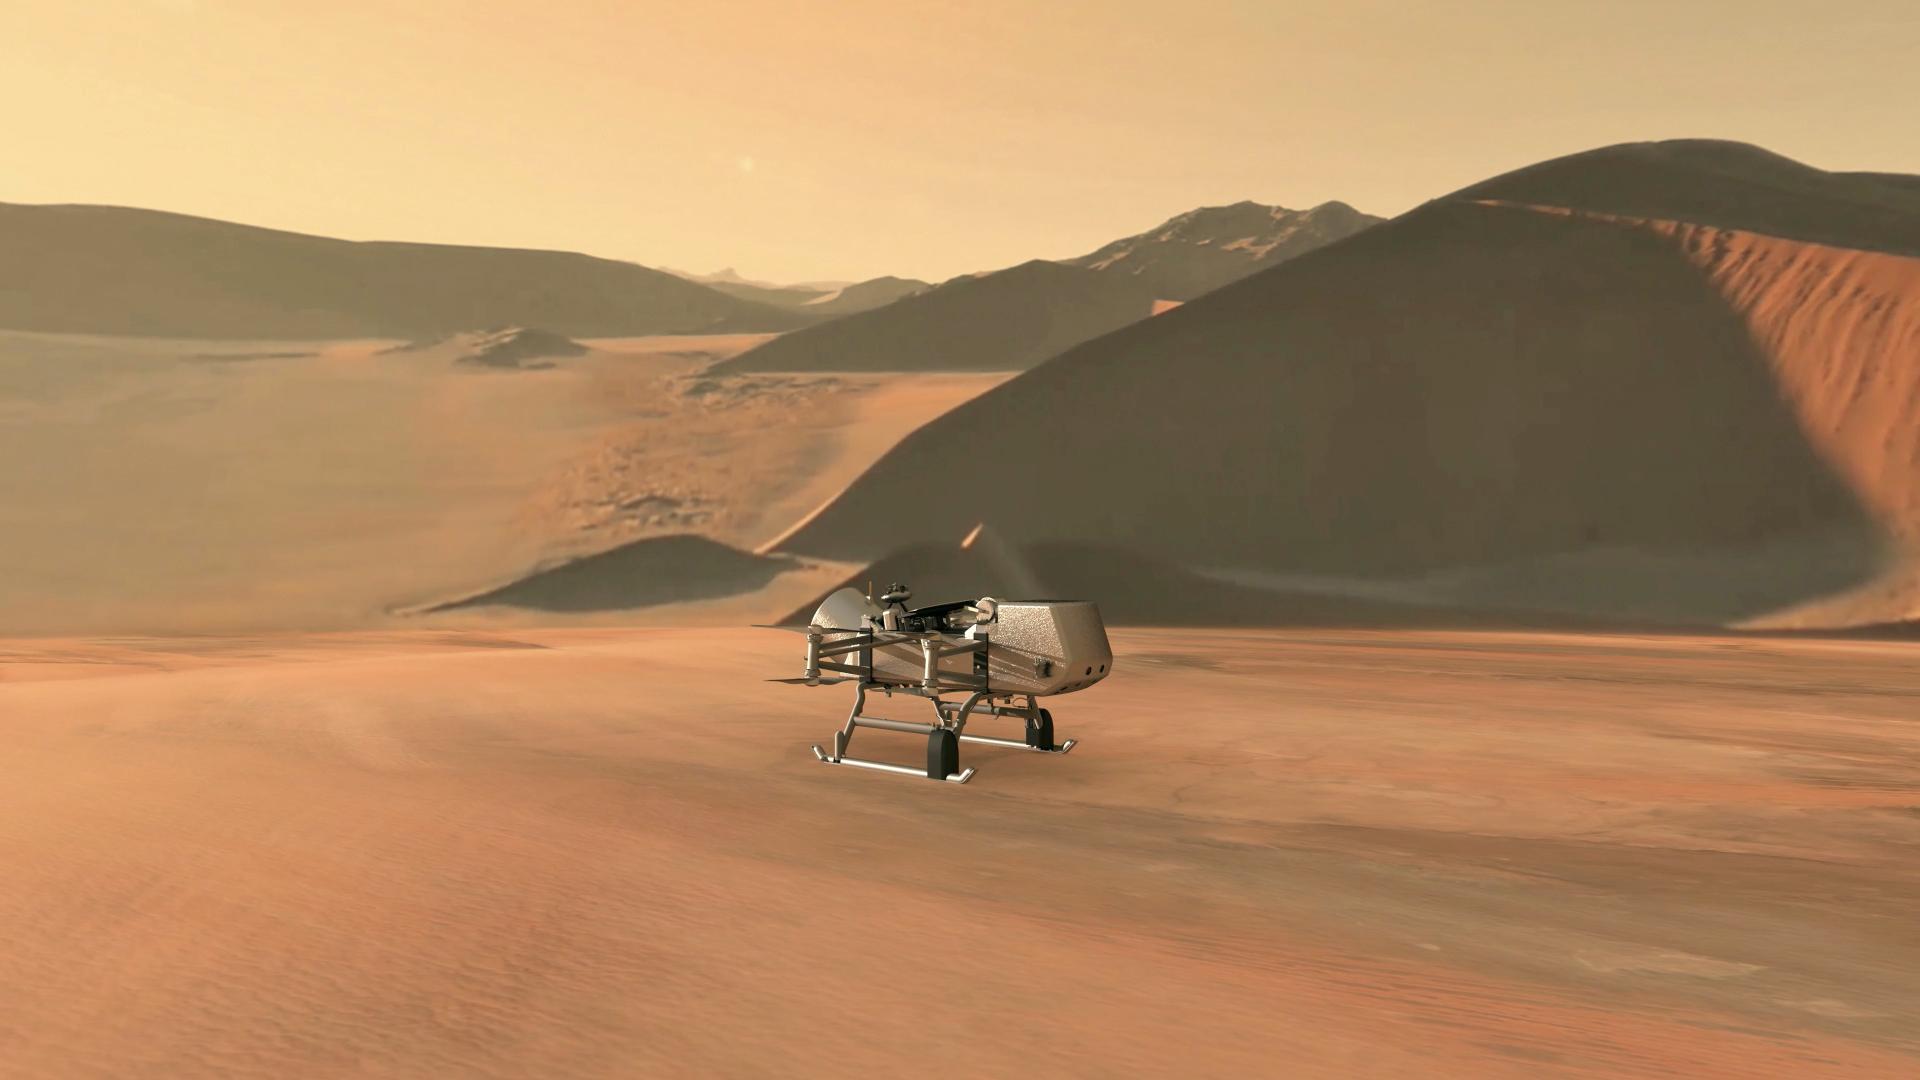 Ilustração do helicóptero Dragonfly, da Nasa, em Titã, lua de Saturno